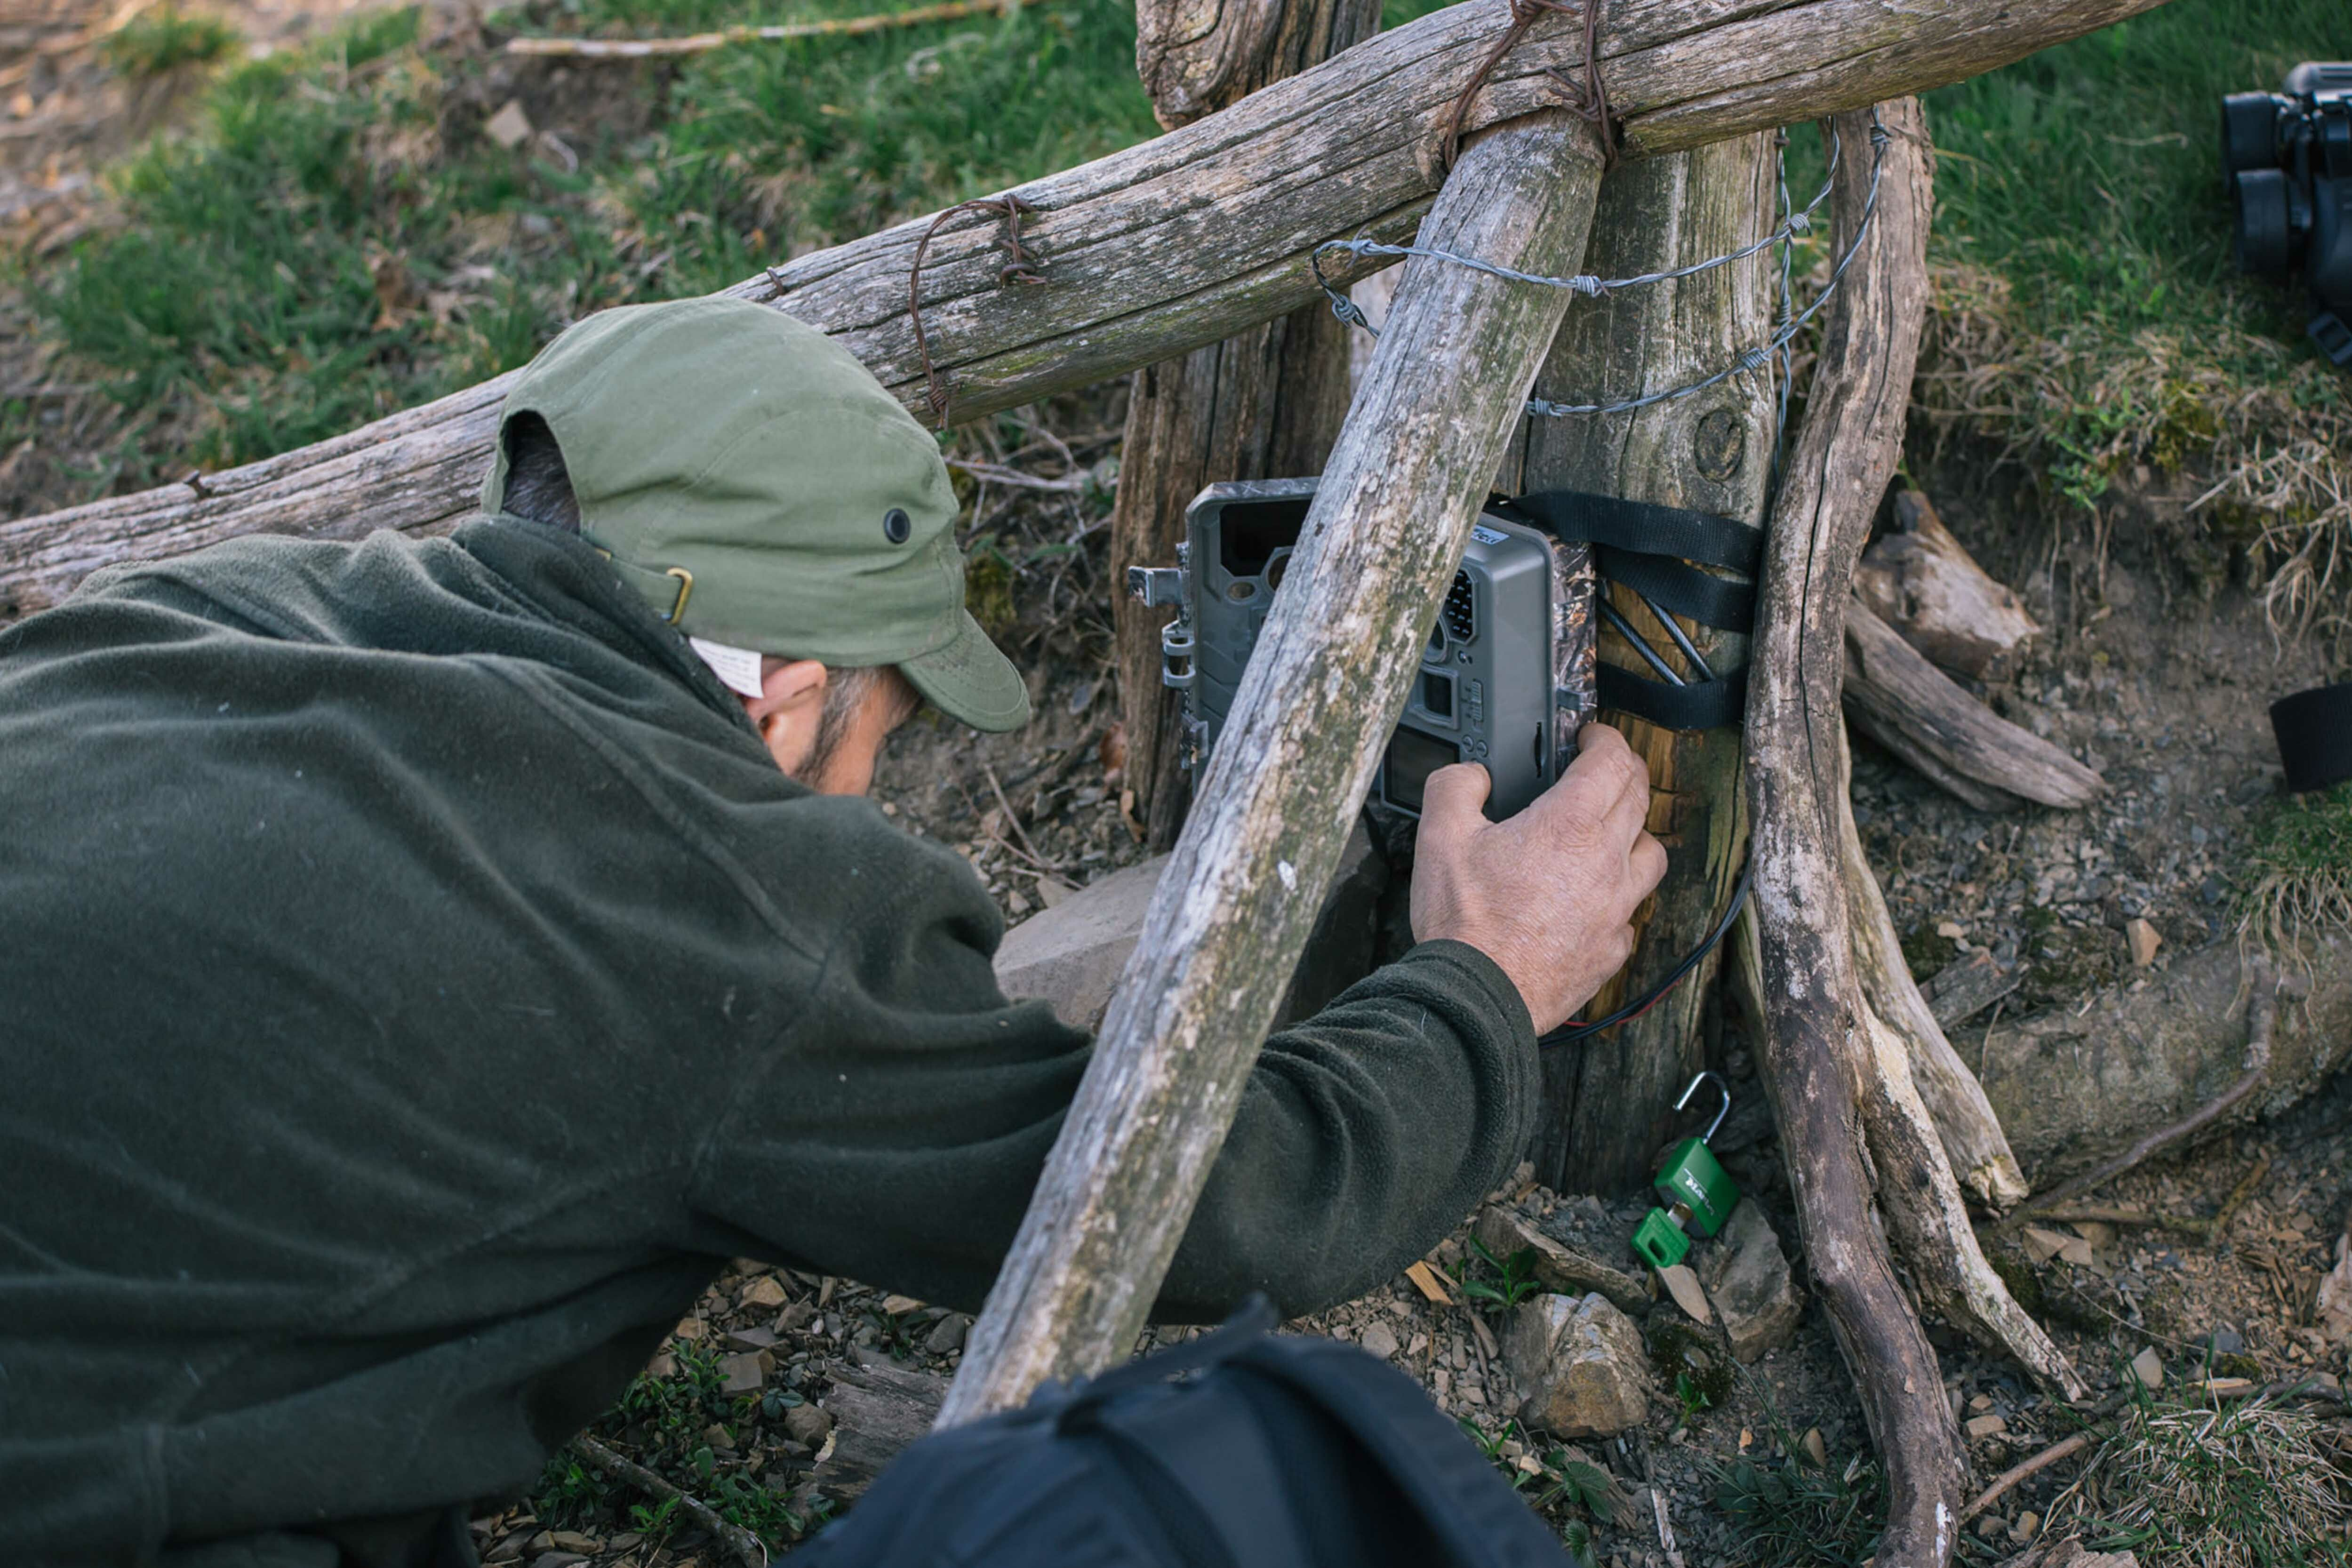 L'Associazione Io non ho paura del lupo risponde ai tanti furti subiti e lancia una raccolta fondi.